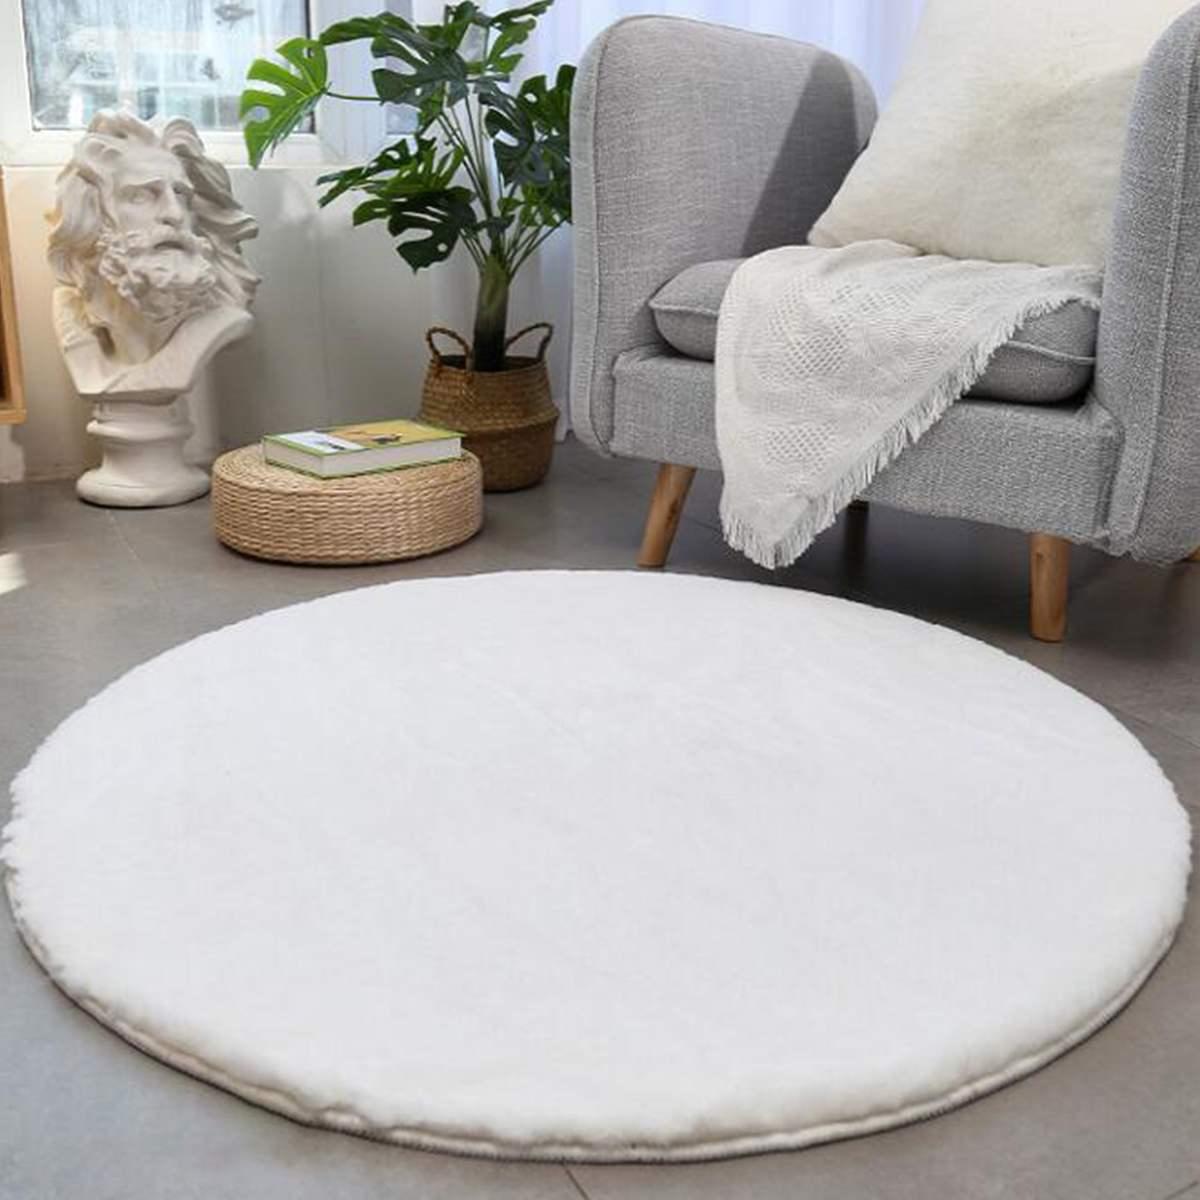 سجادة أرضية دائرية أشعث 100 سنتيمتر ، قطيفة صناعية ، ديكور منزلي ، لغرفة النوم ، غرفة المعيشة ، طاولة السرير